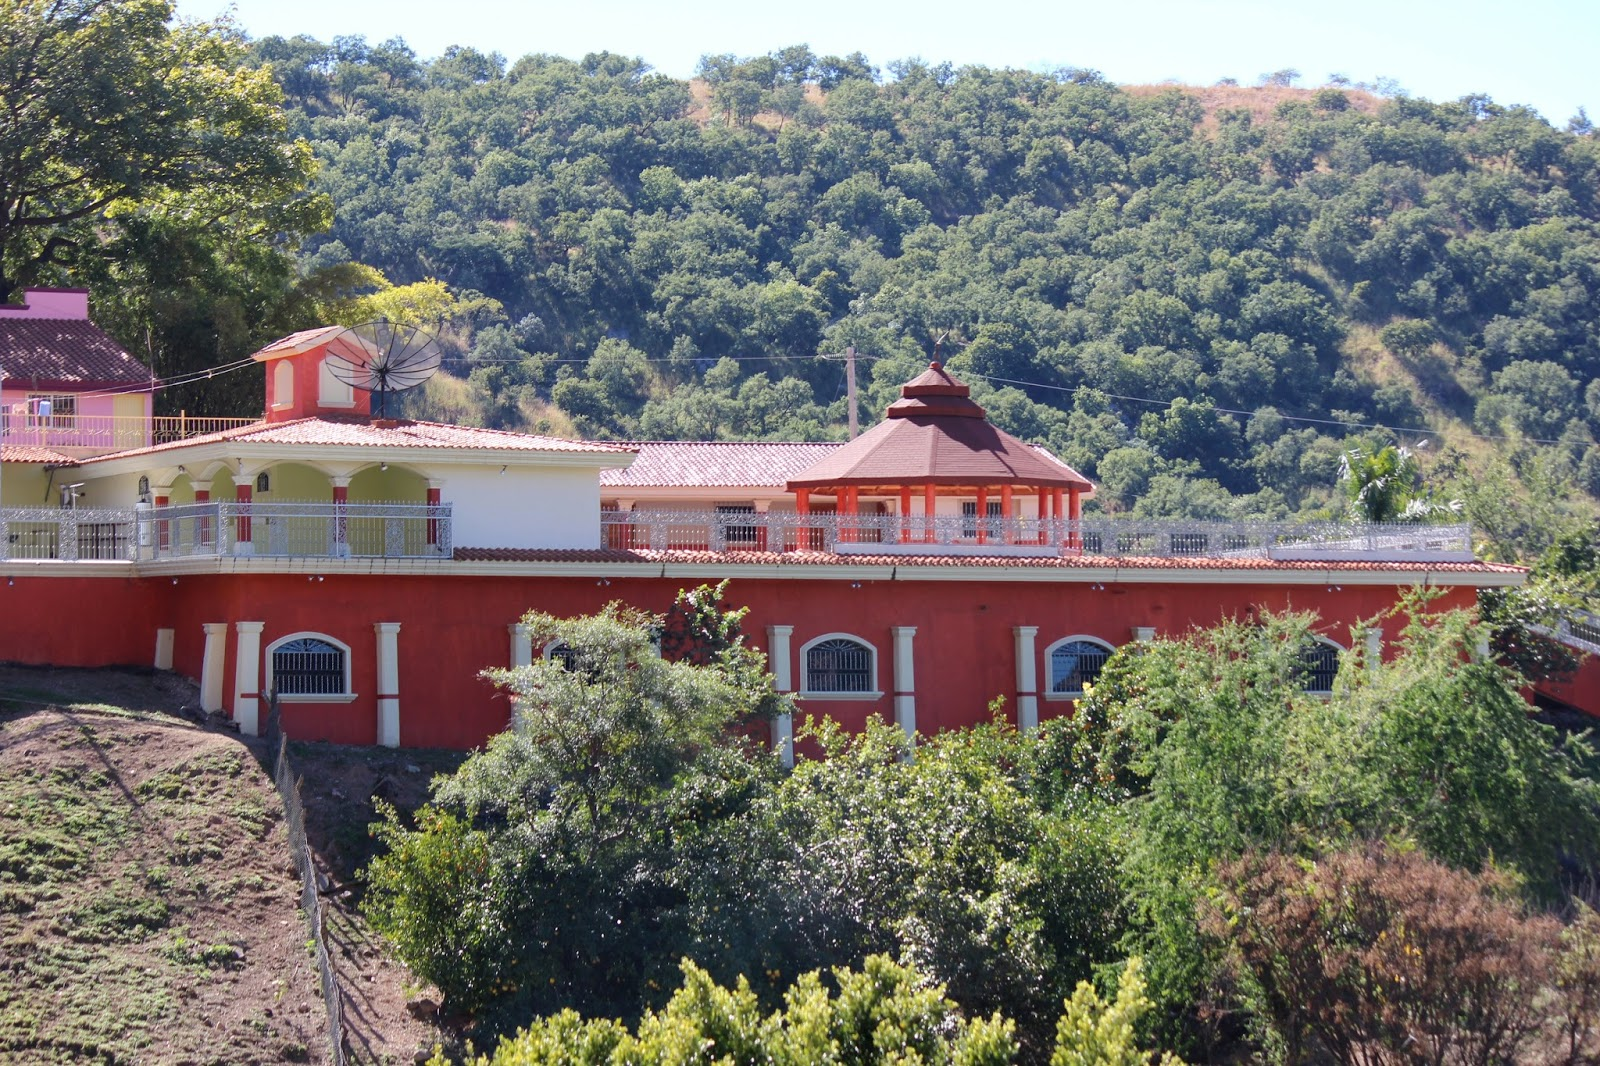 30 hombres armados y empecherados vigilan la casa de Doña Consuelo Loera